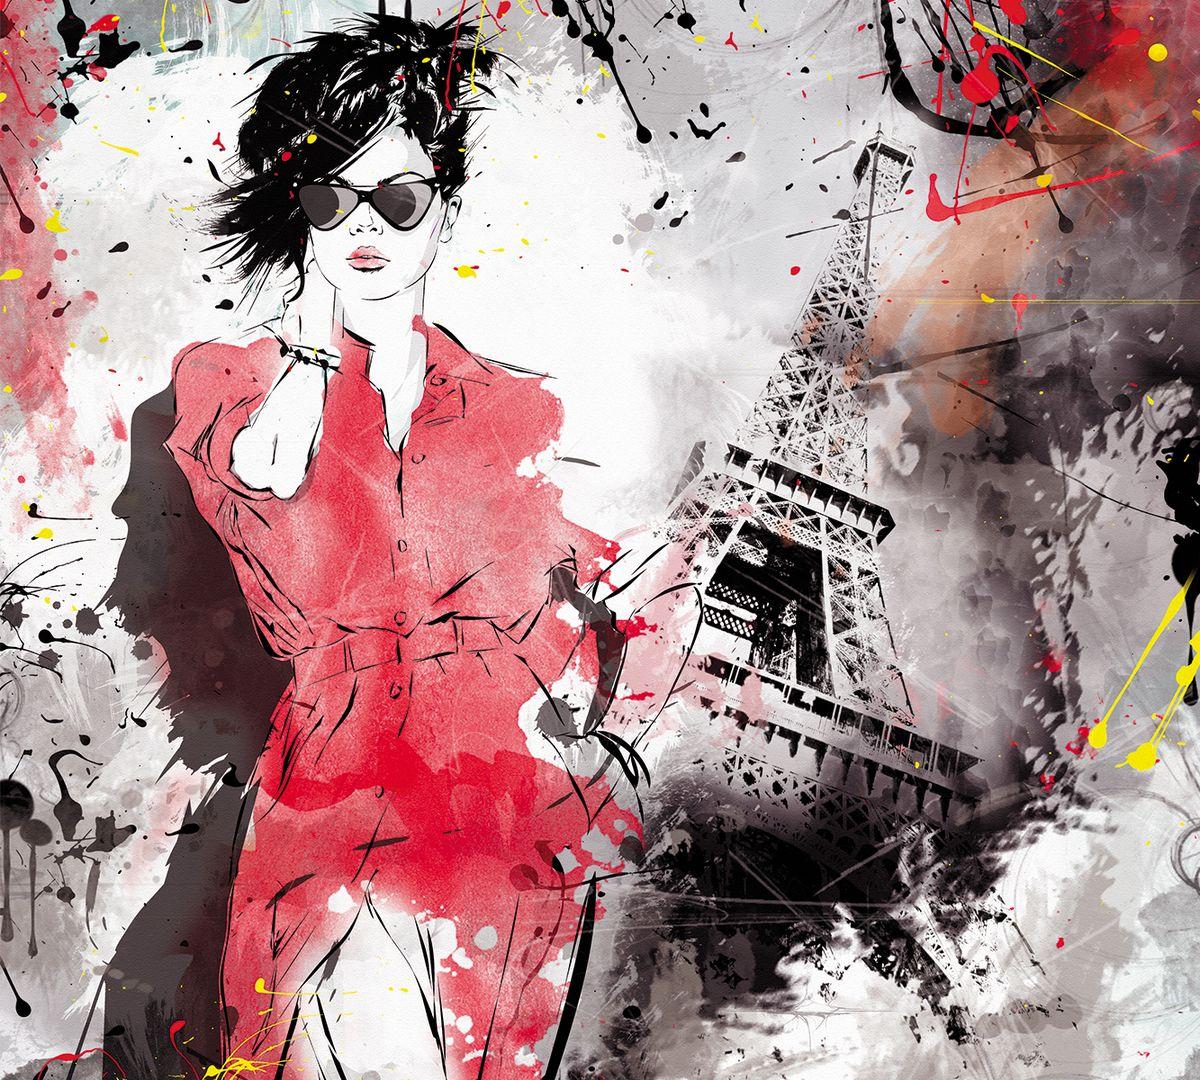 Фотообои флизелиновые Milan Прогулка в Париже, текстурные, 2 х 2,7 м milan yohimbinum d4 5 мл возбуждающие капли на основе йохимбина